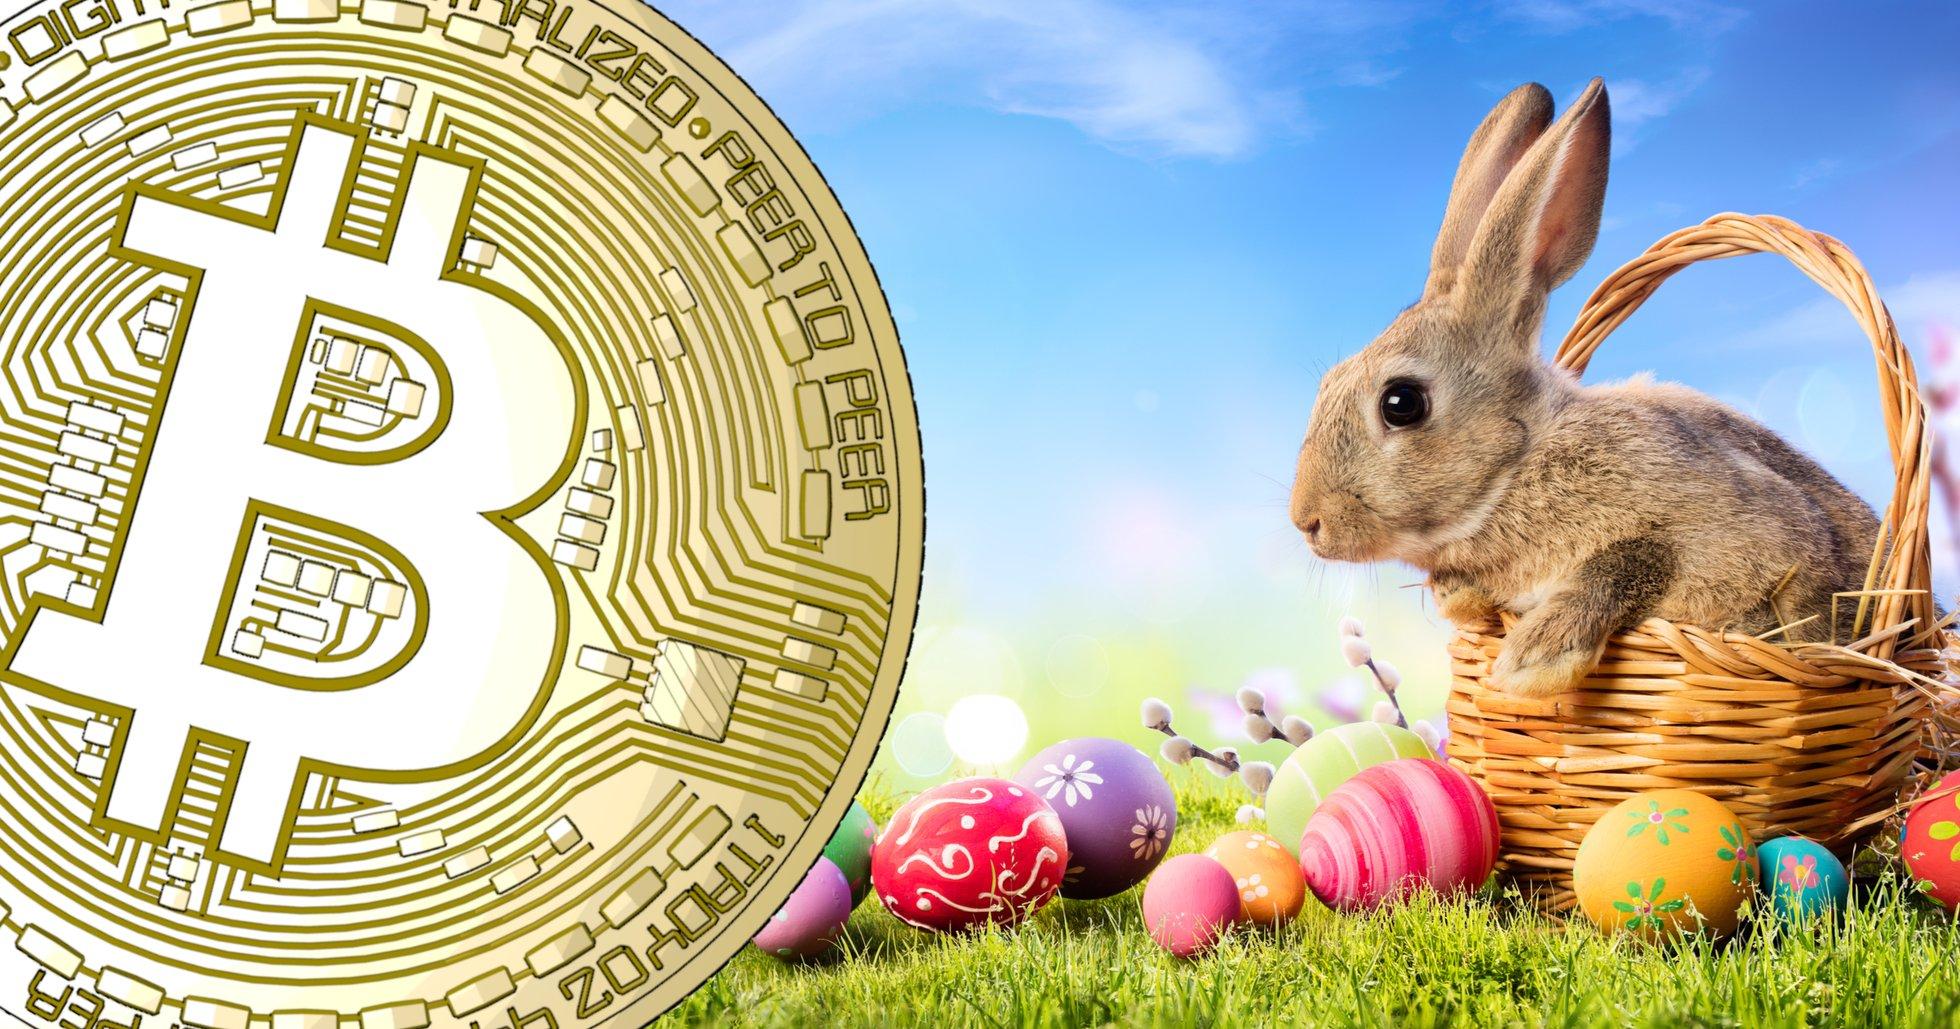 Bitcoinpriset fortsatt volatilt under påsken – ner 9 procent sedan i går kväll.